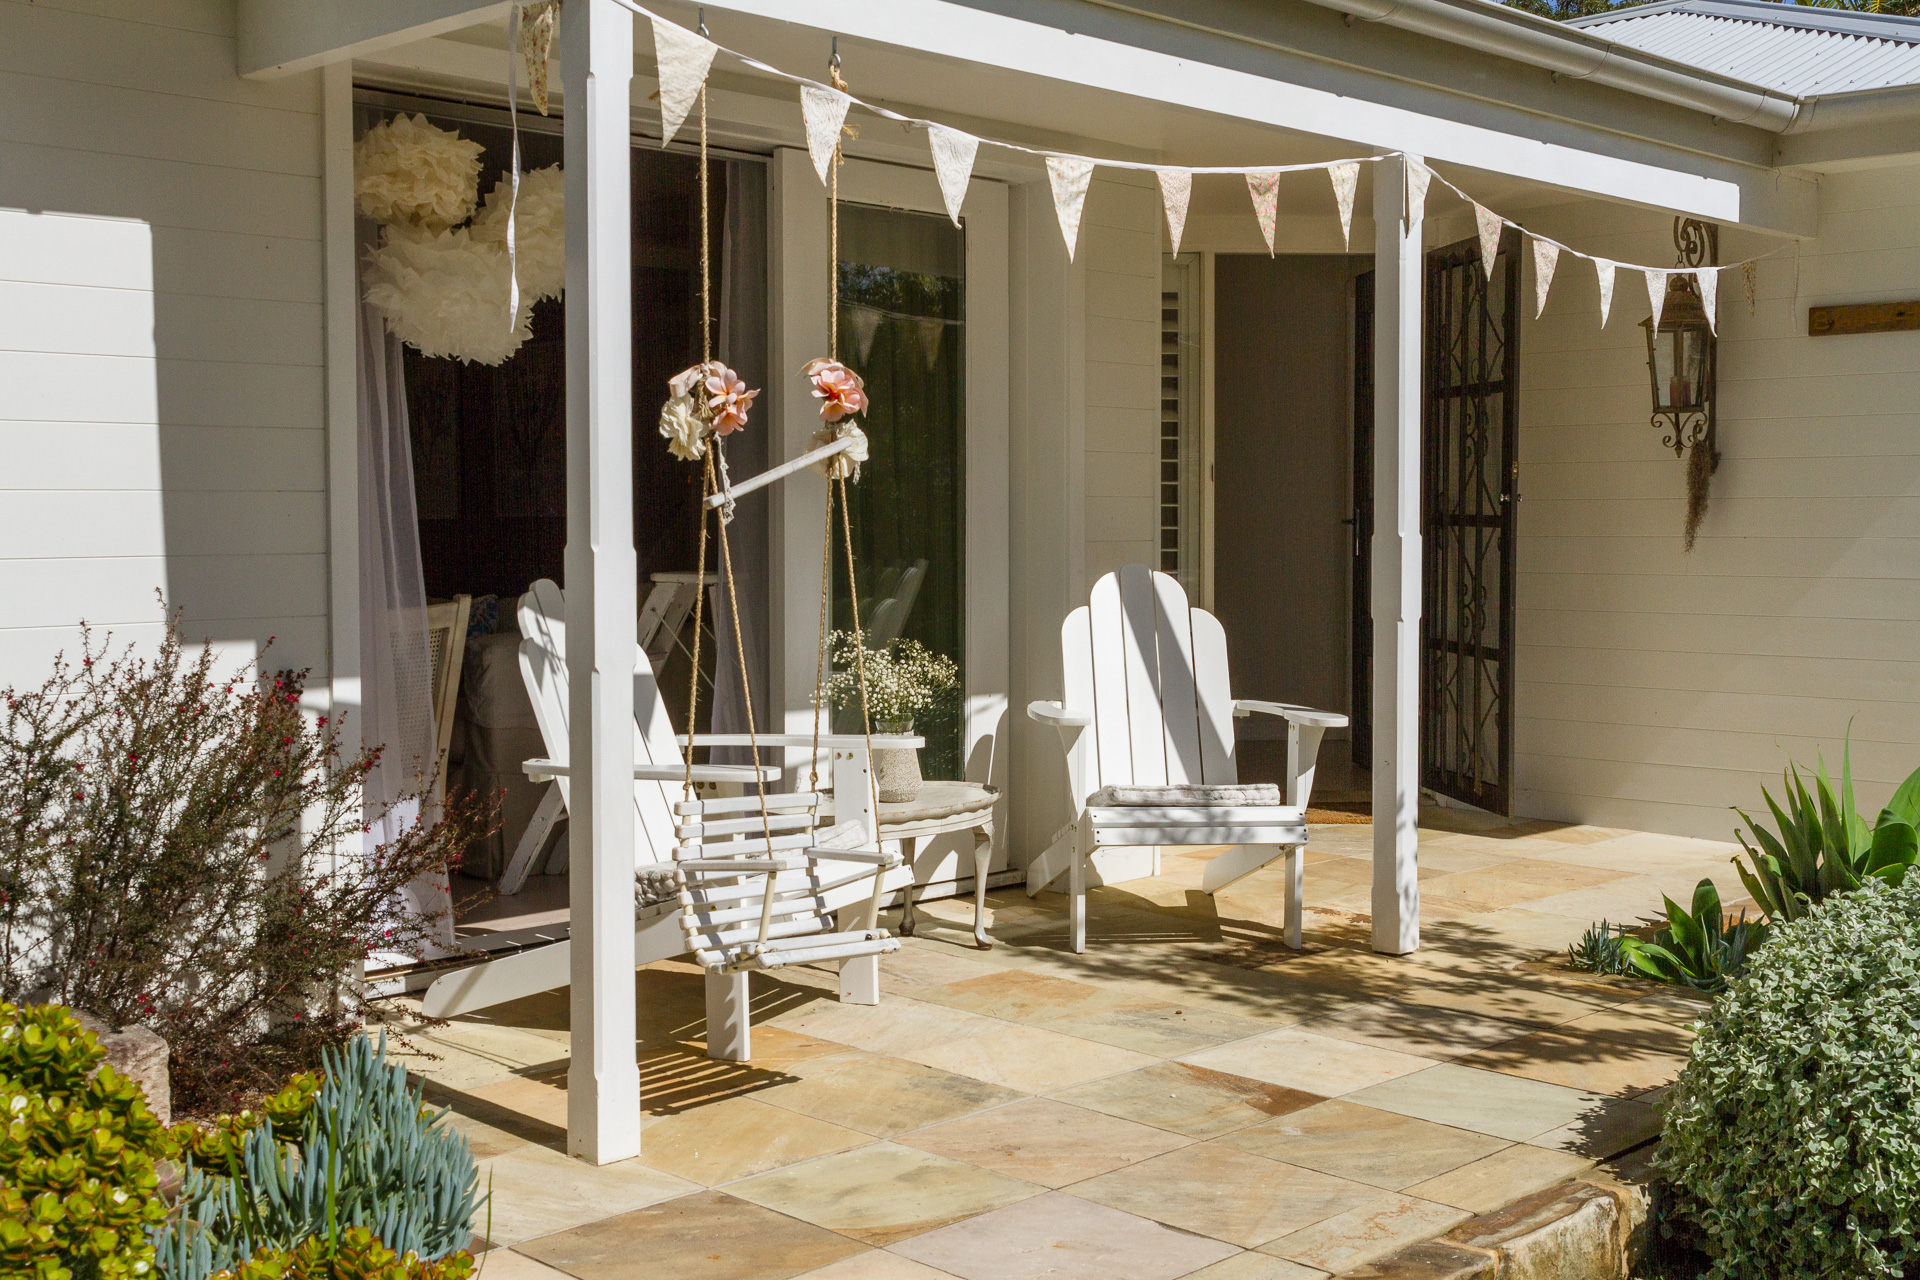 cronulla_residential_garden_design 30.jpg